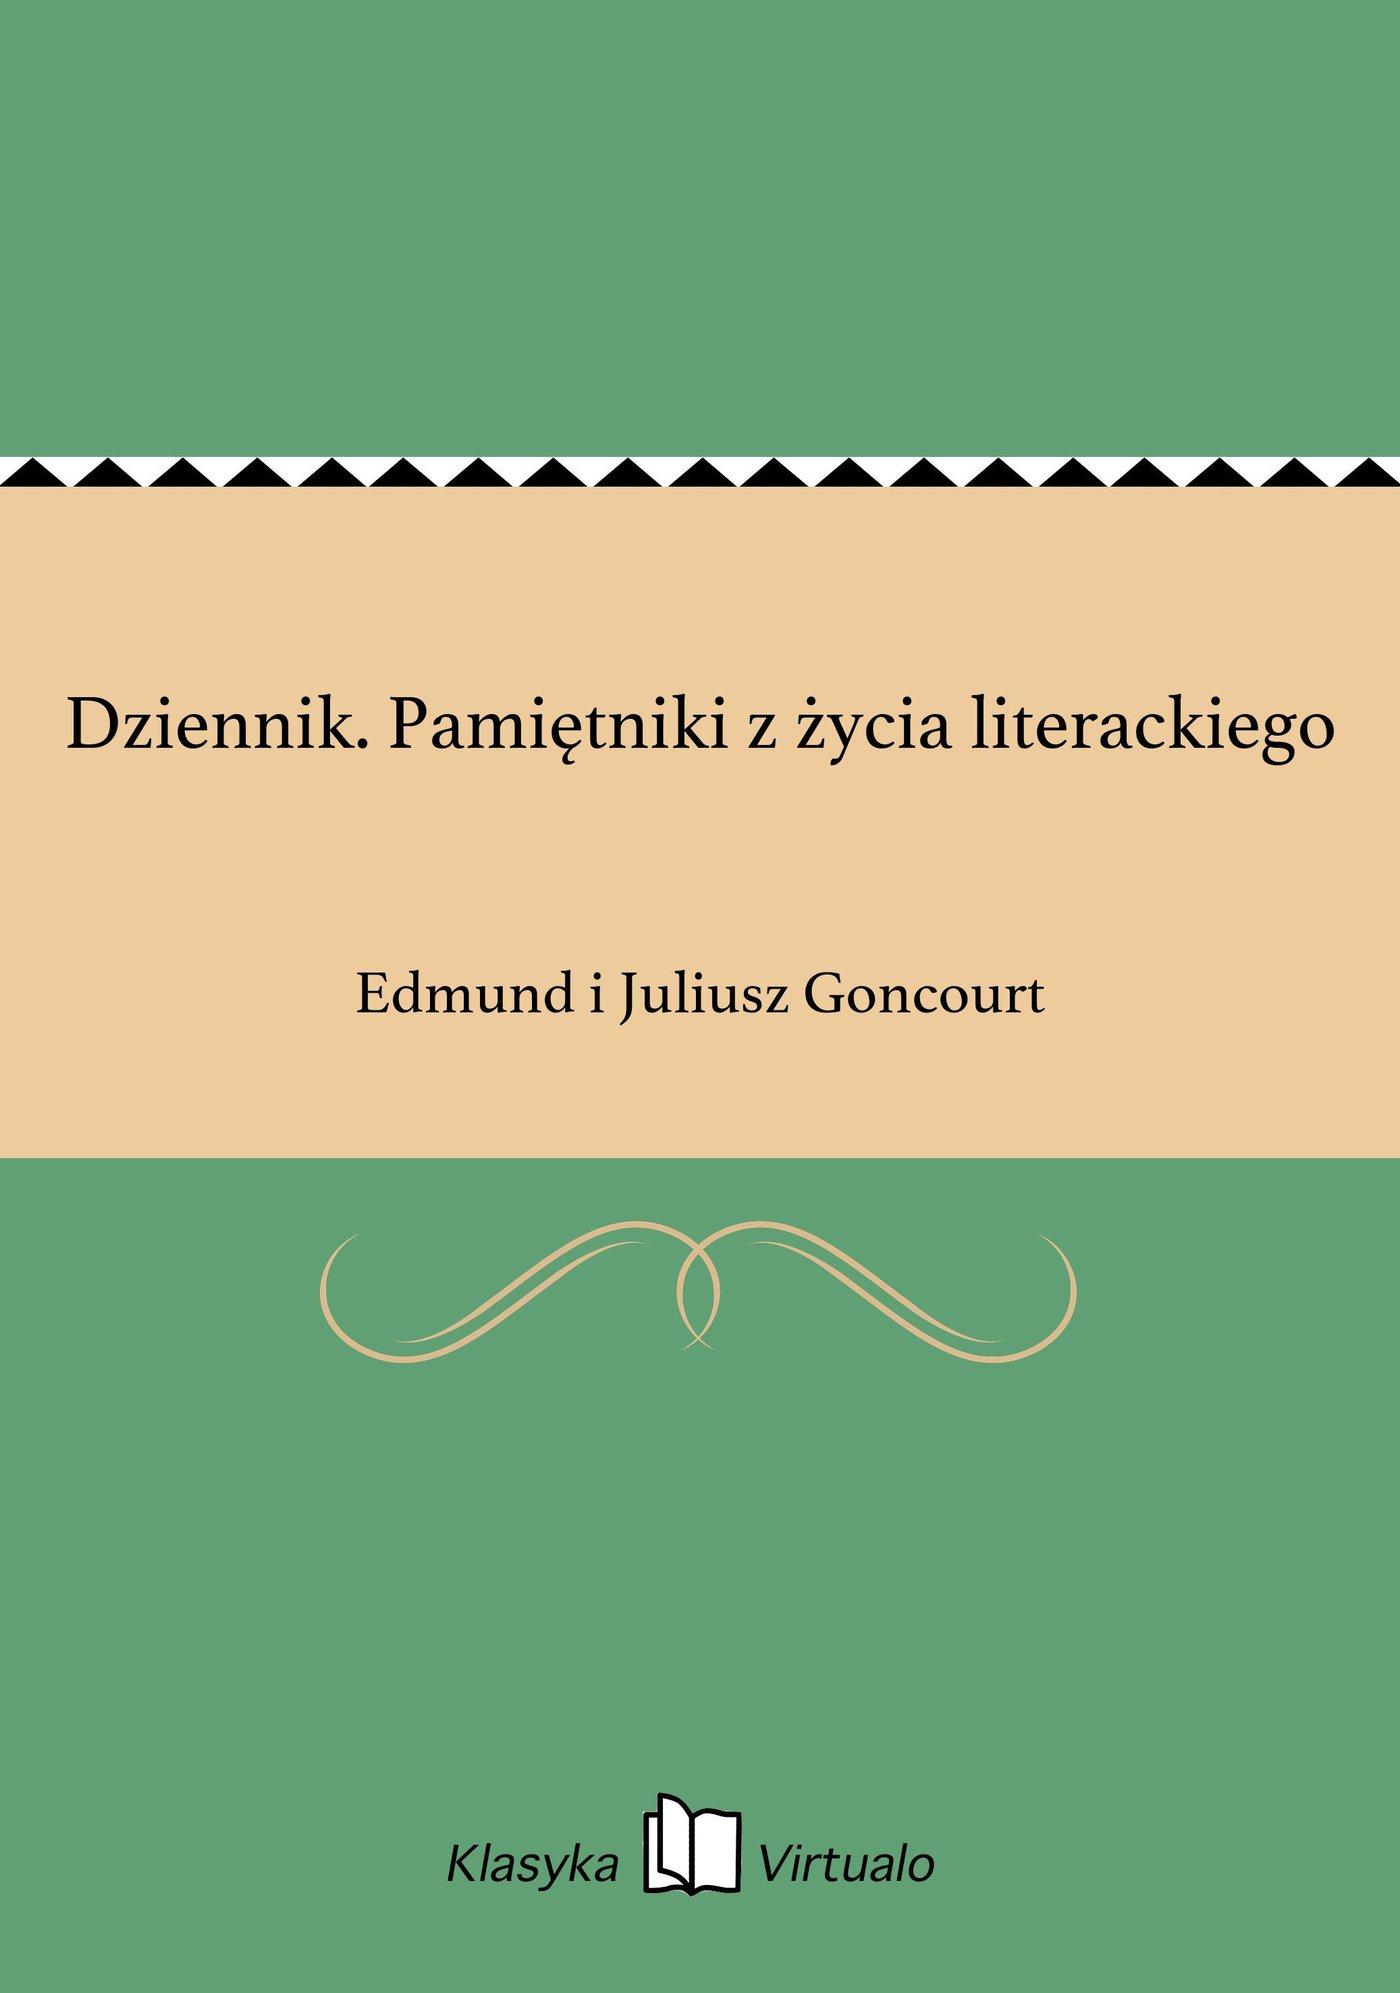 Dziennik. Pamiętniki z życia literackiego - Ebook (Książka EPUB) do pobrania w formacie EPUB